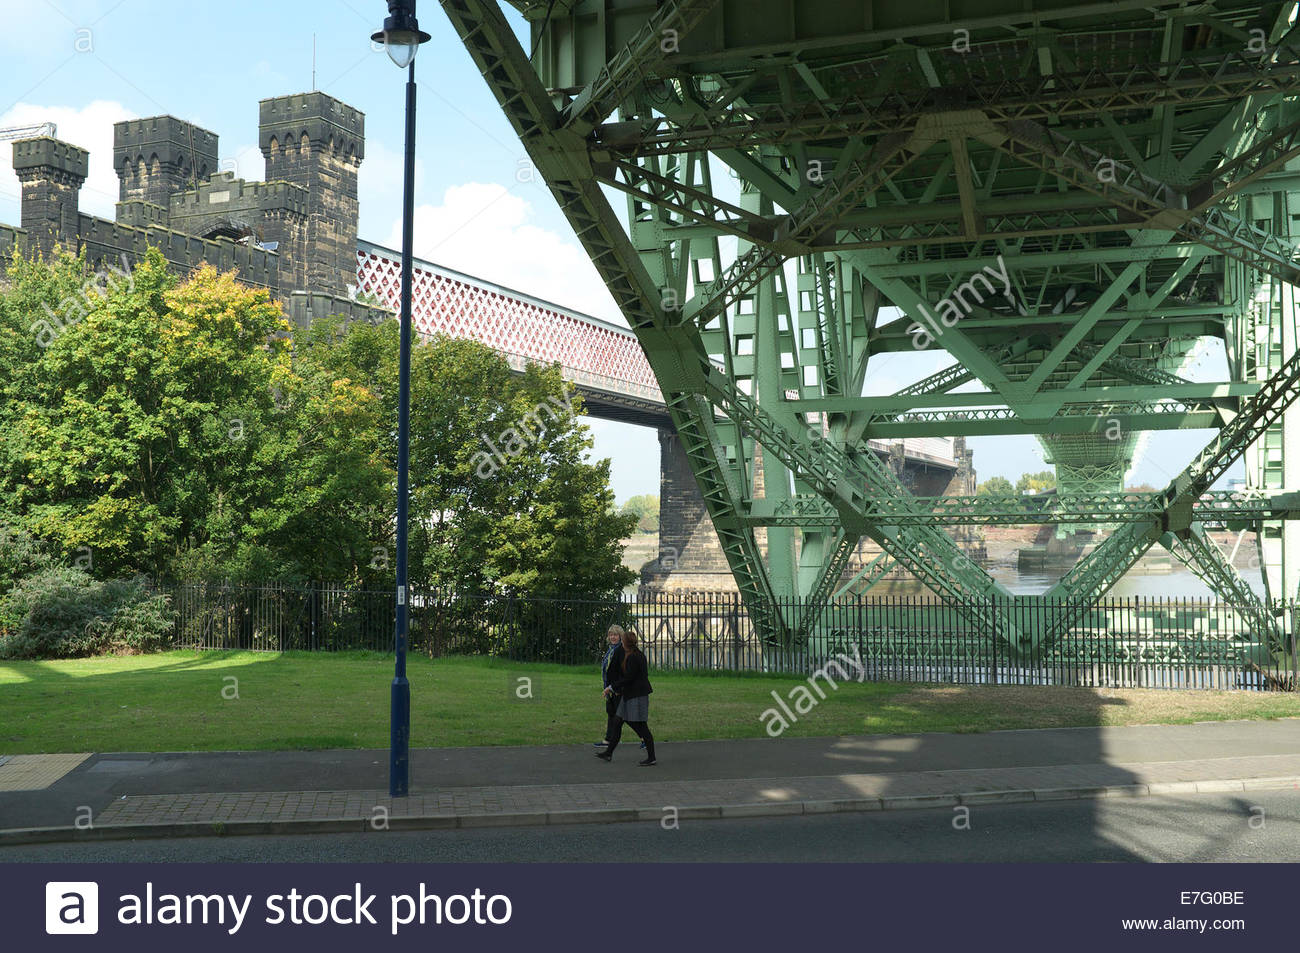 The Runcorn Railway Bridge (L) and the Runcorn - Widnes Bridge (Silver Jubilee Bridge)(R) as seen from Runcorn, - Stock Image